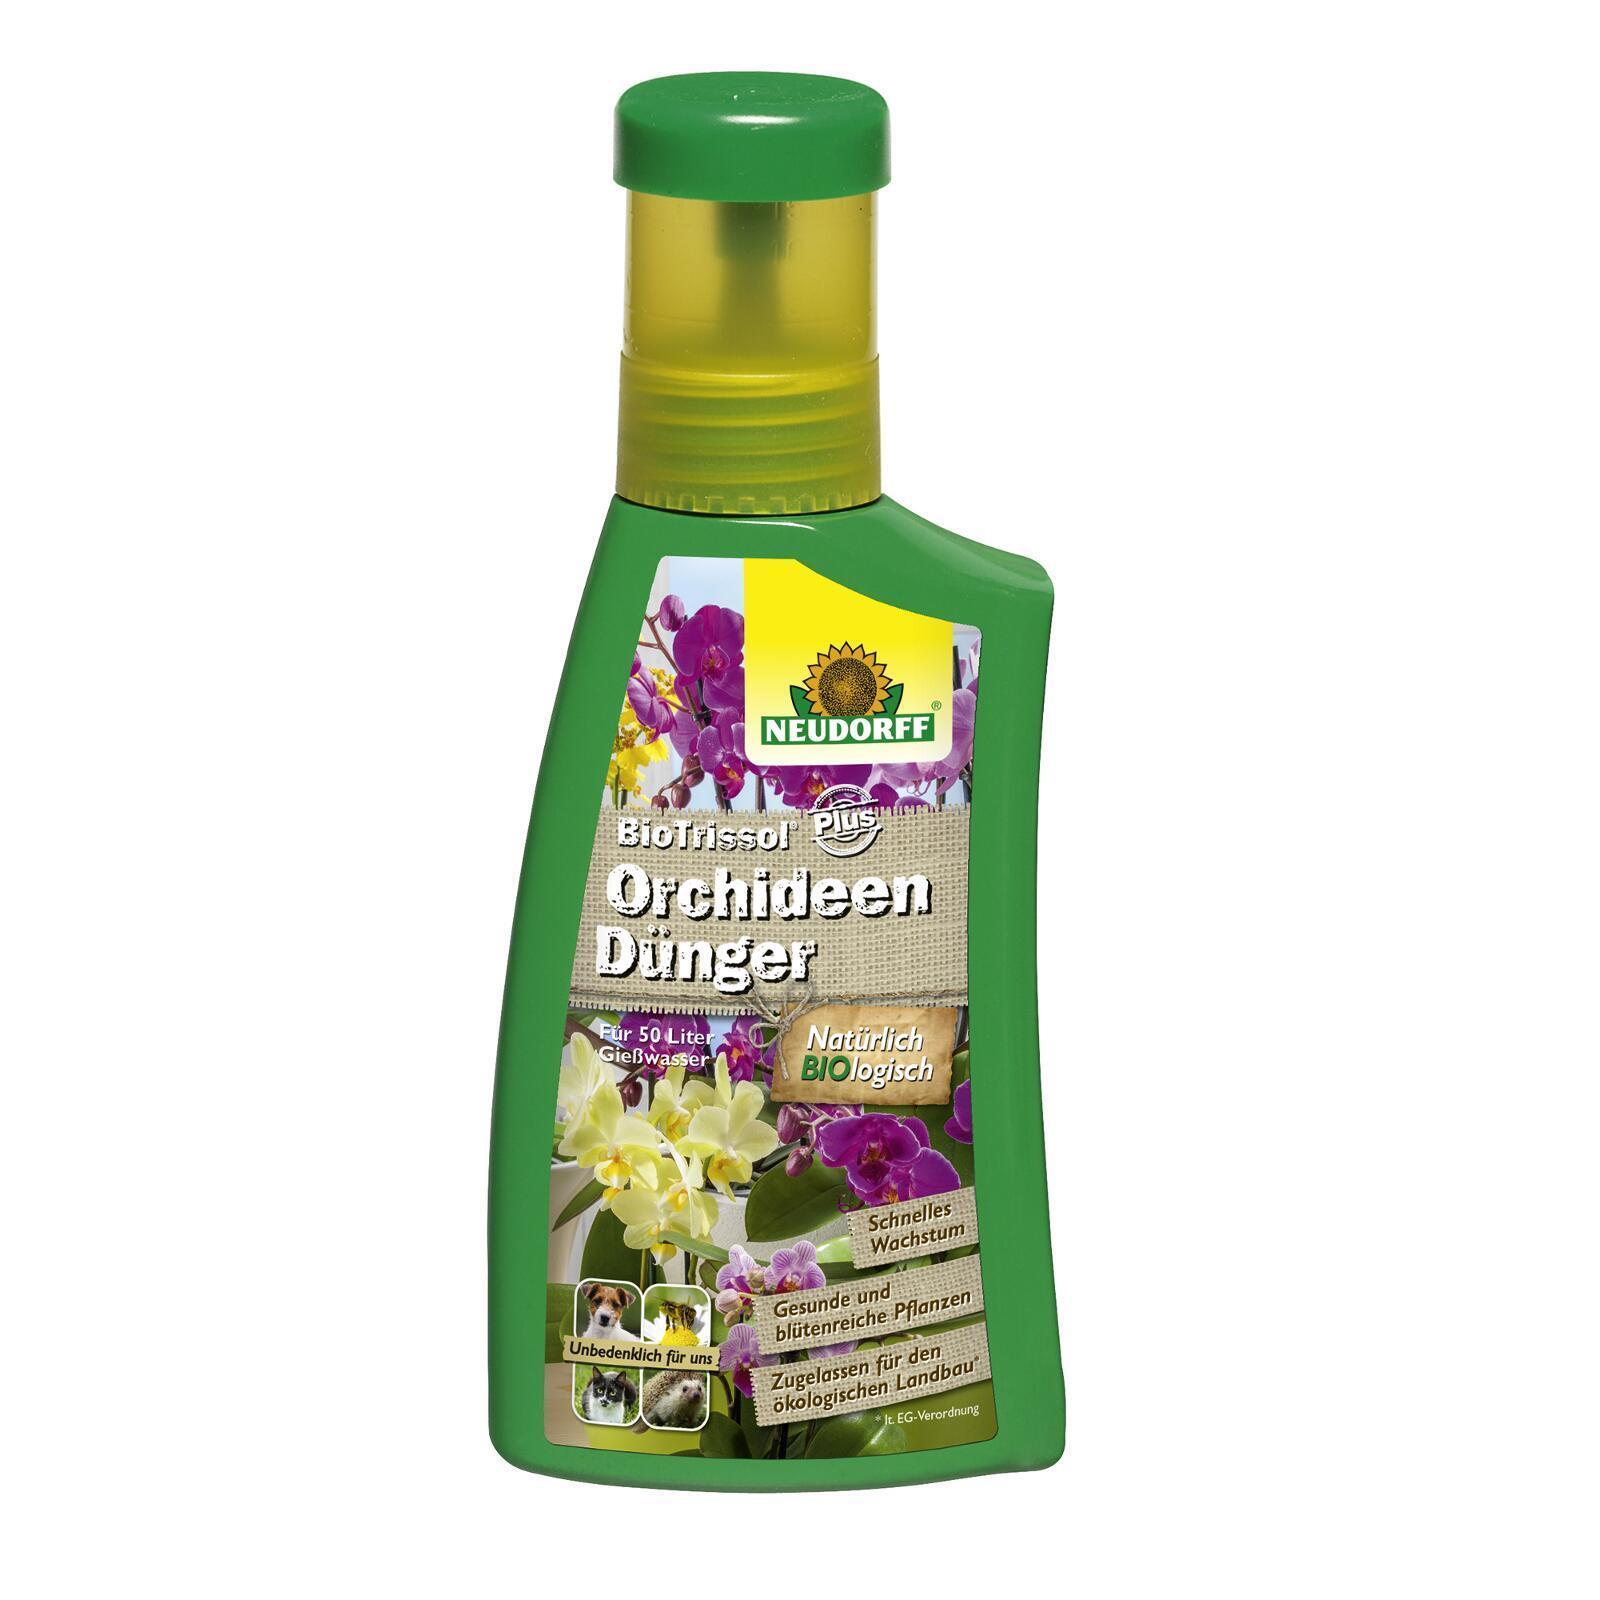 NEUDORFF Biotrissol fertilizzante orchidea 250 ml - FIORI